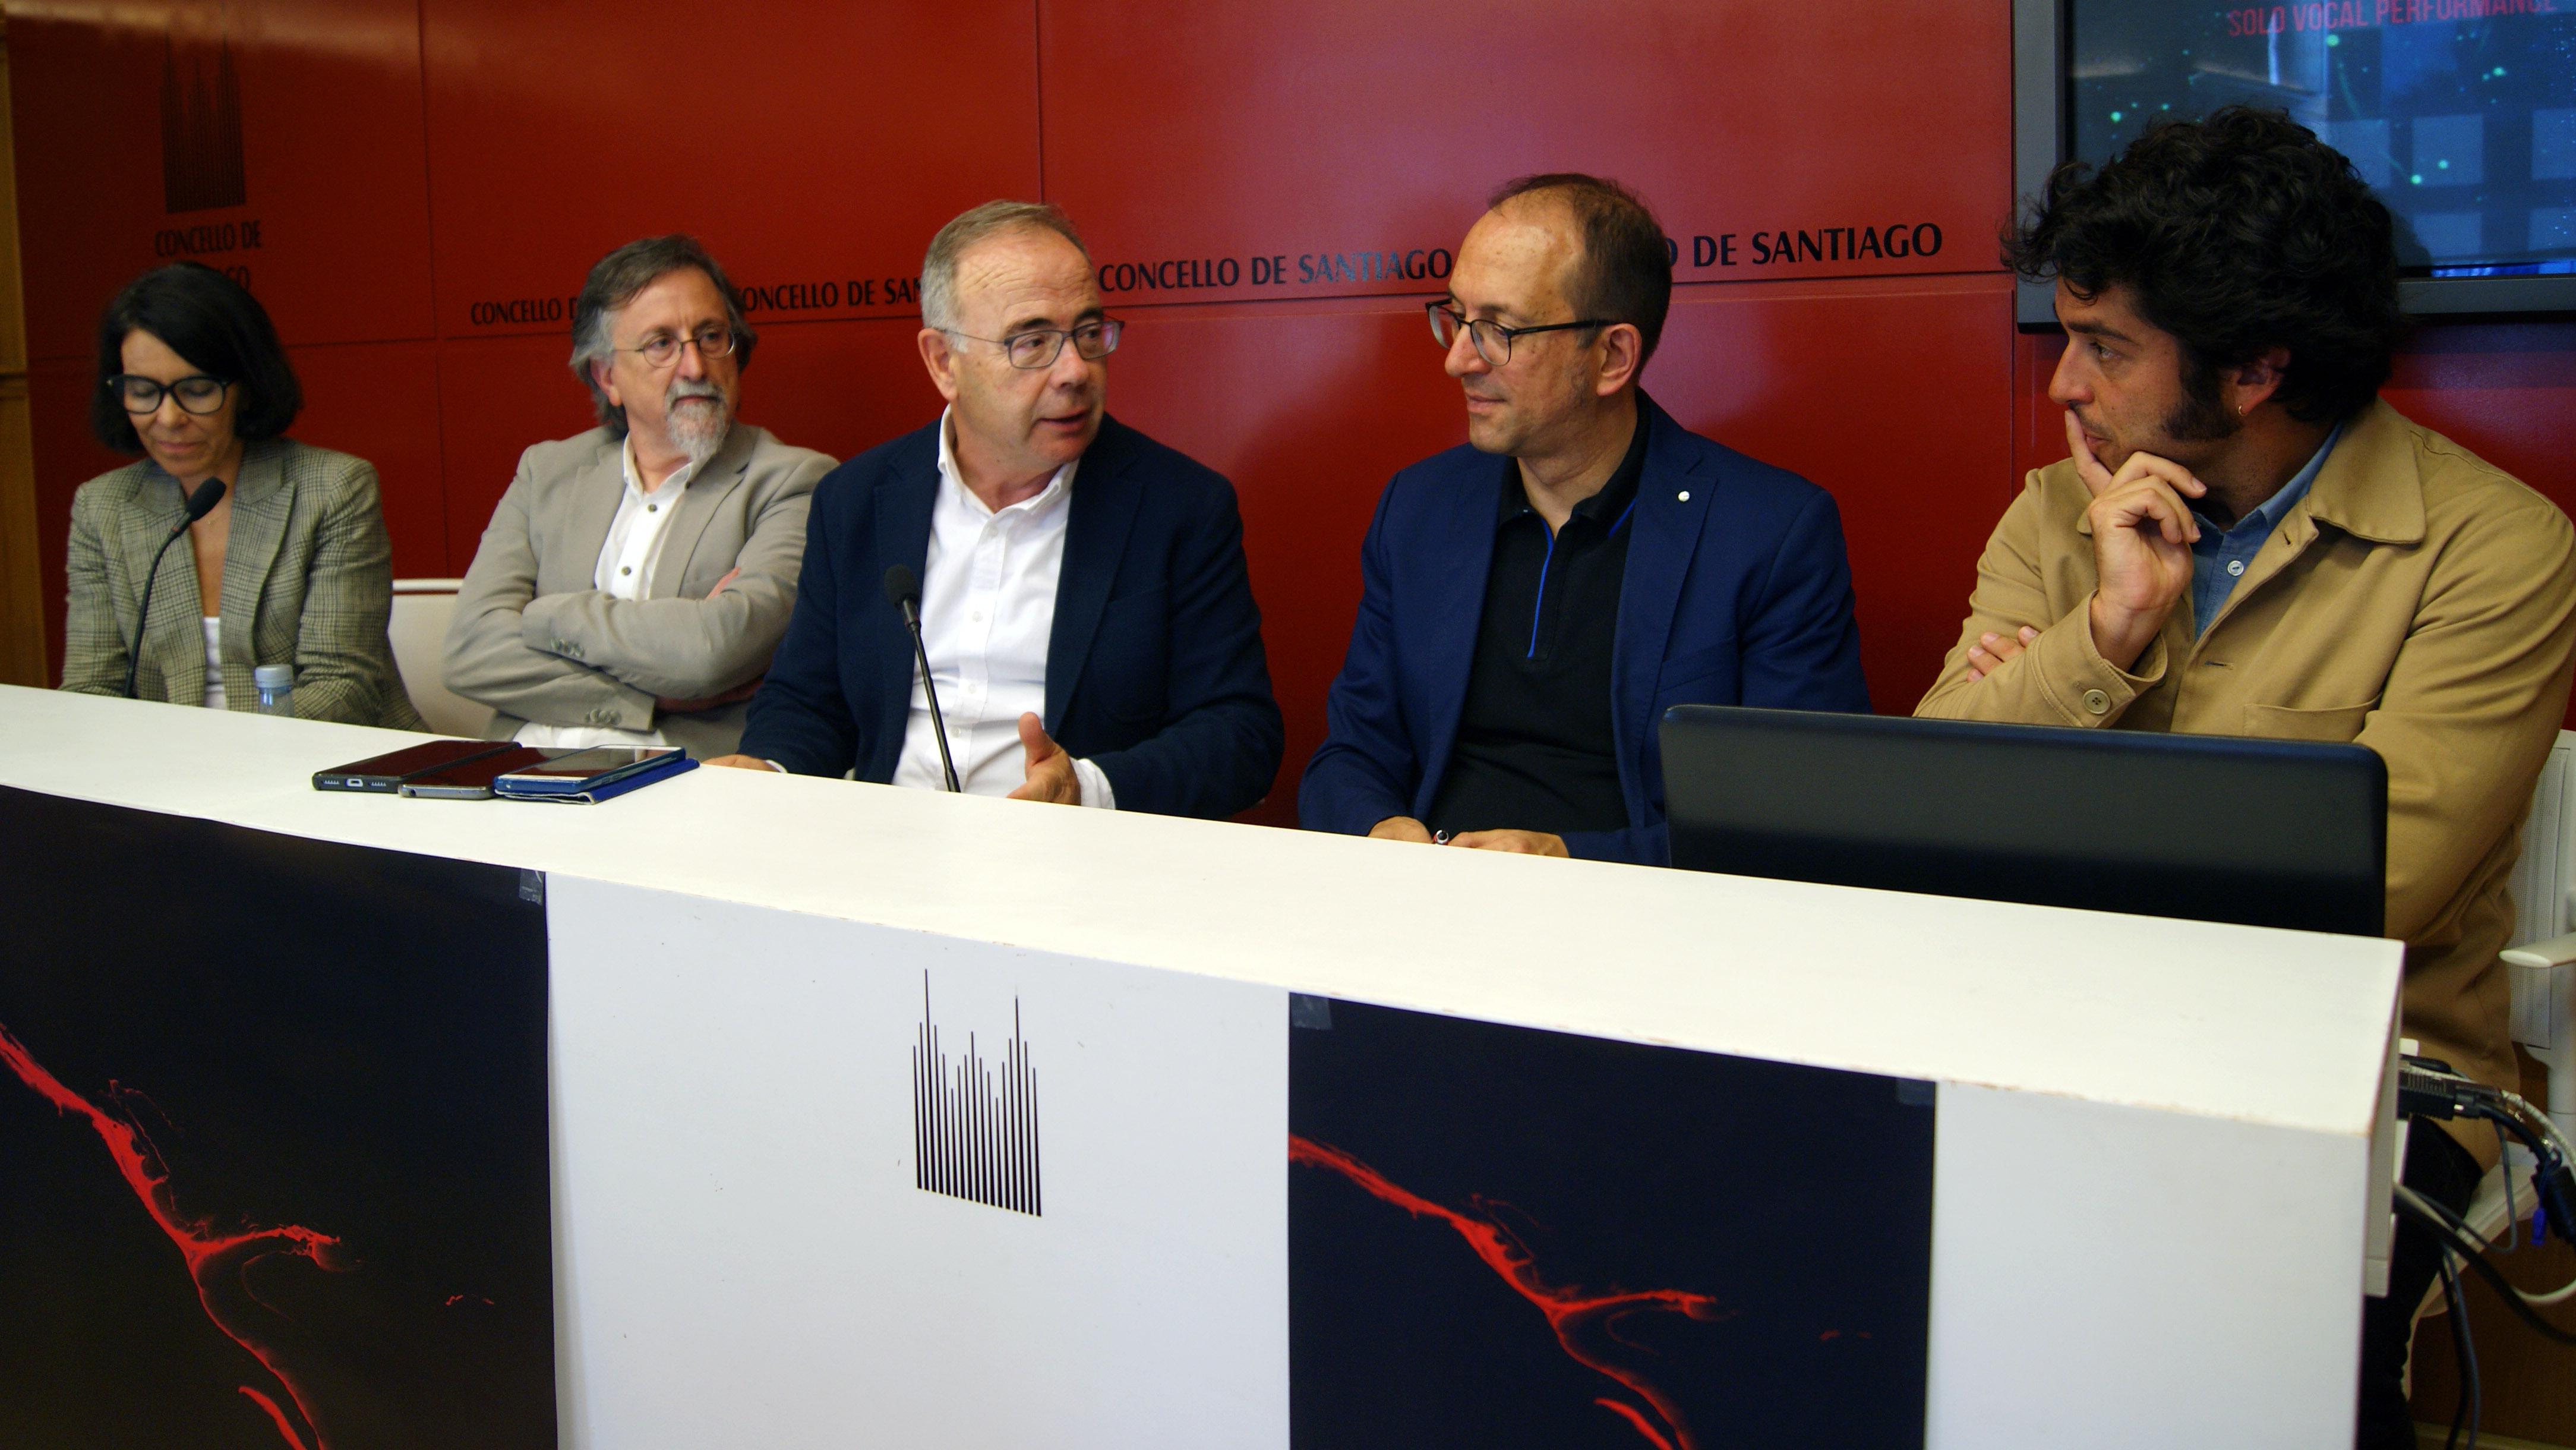 Mercedes Rosón, Xurxo Couto, Xosé Sánchez Bugallo, Anxo Lorenzo e Pela del Álamo na presentación do festival.